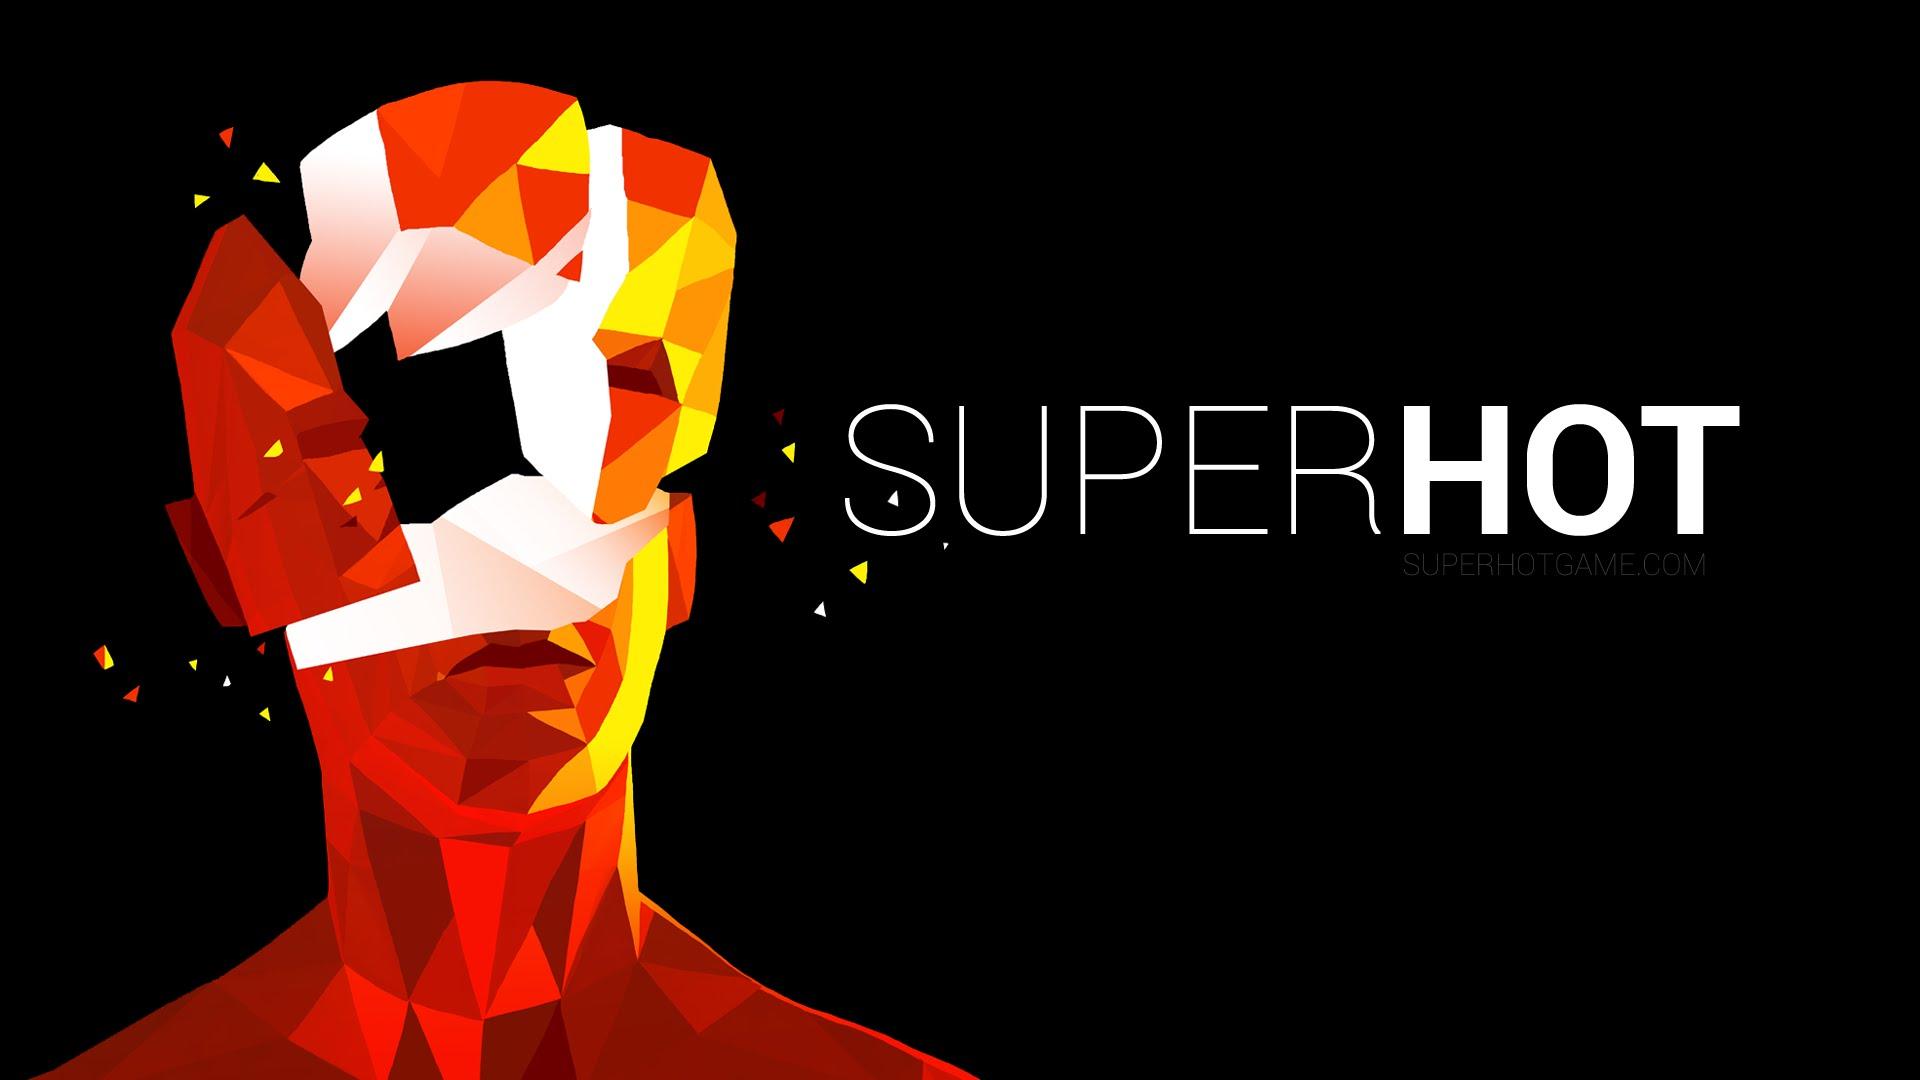 superhot video game wallpaper 61483